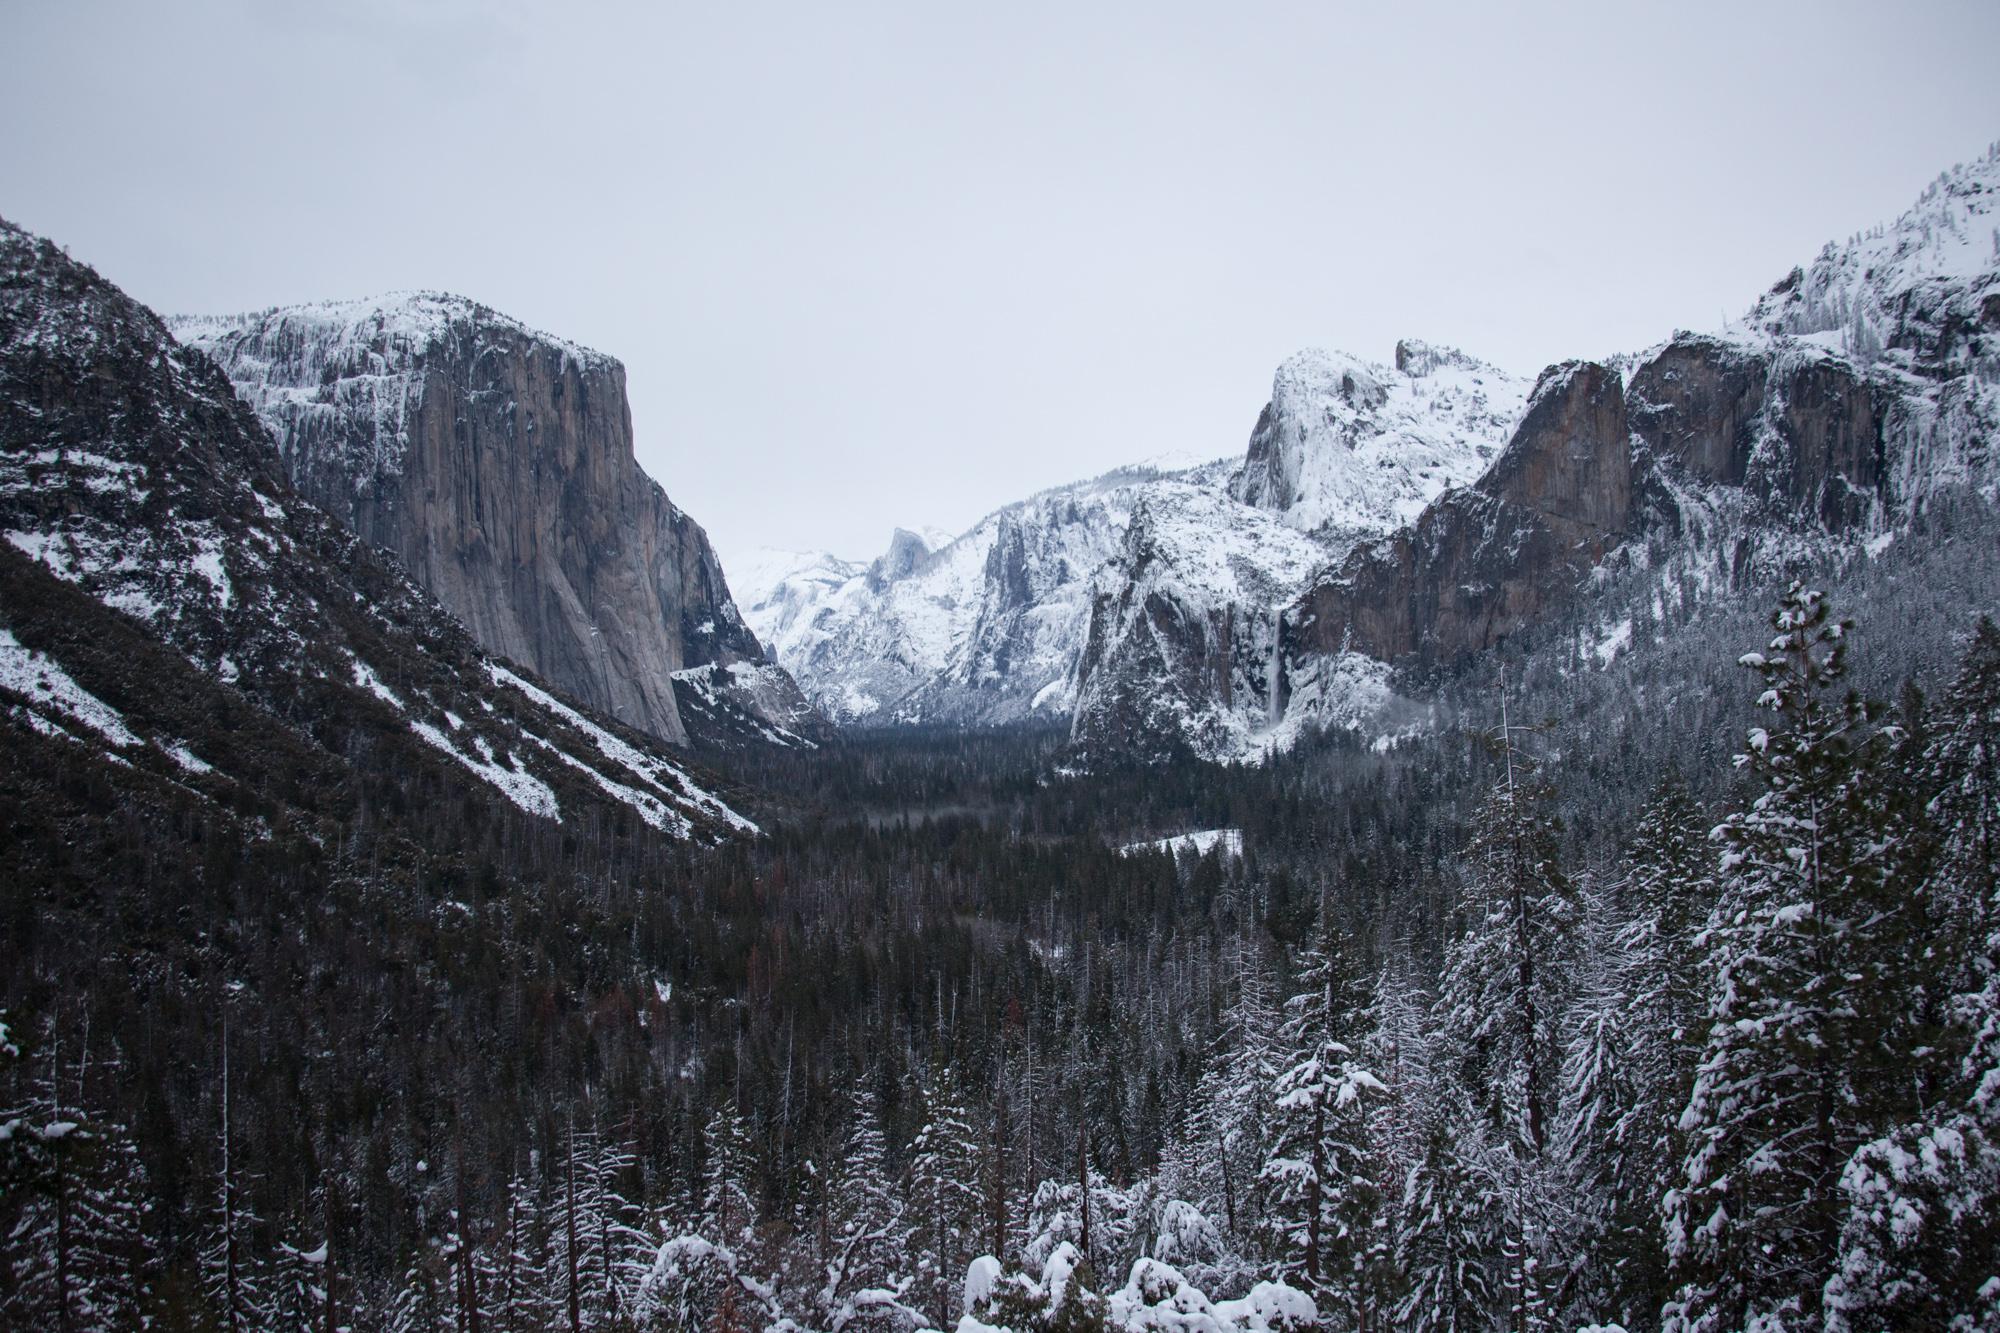 2019-02 Yosemite-9.jpg